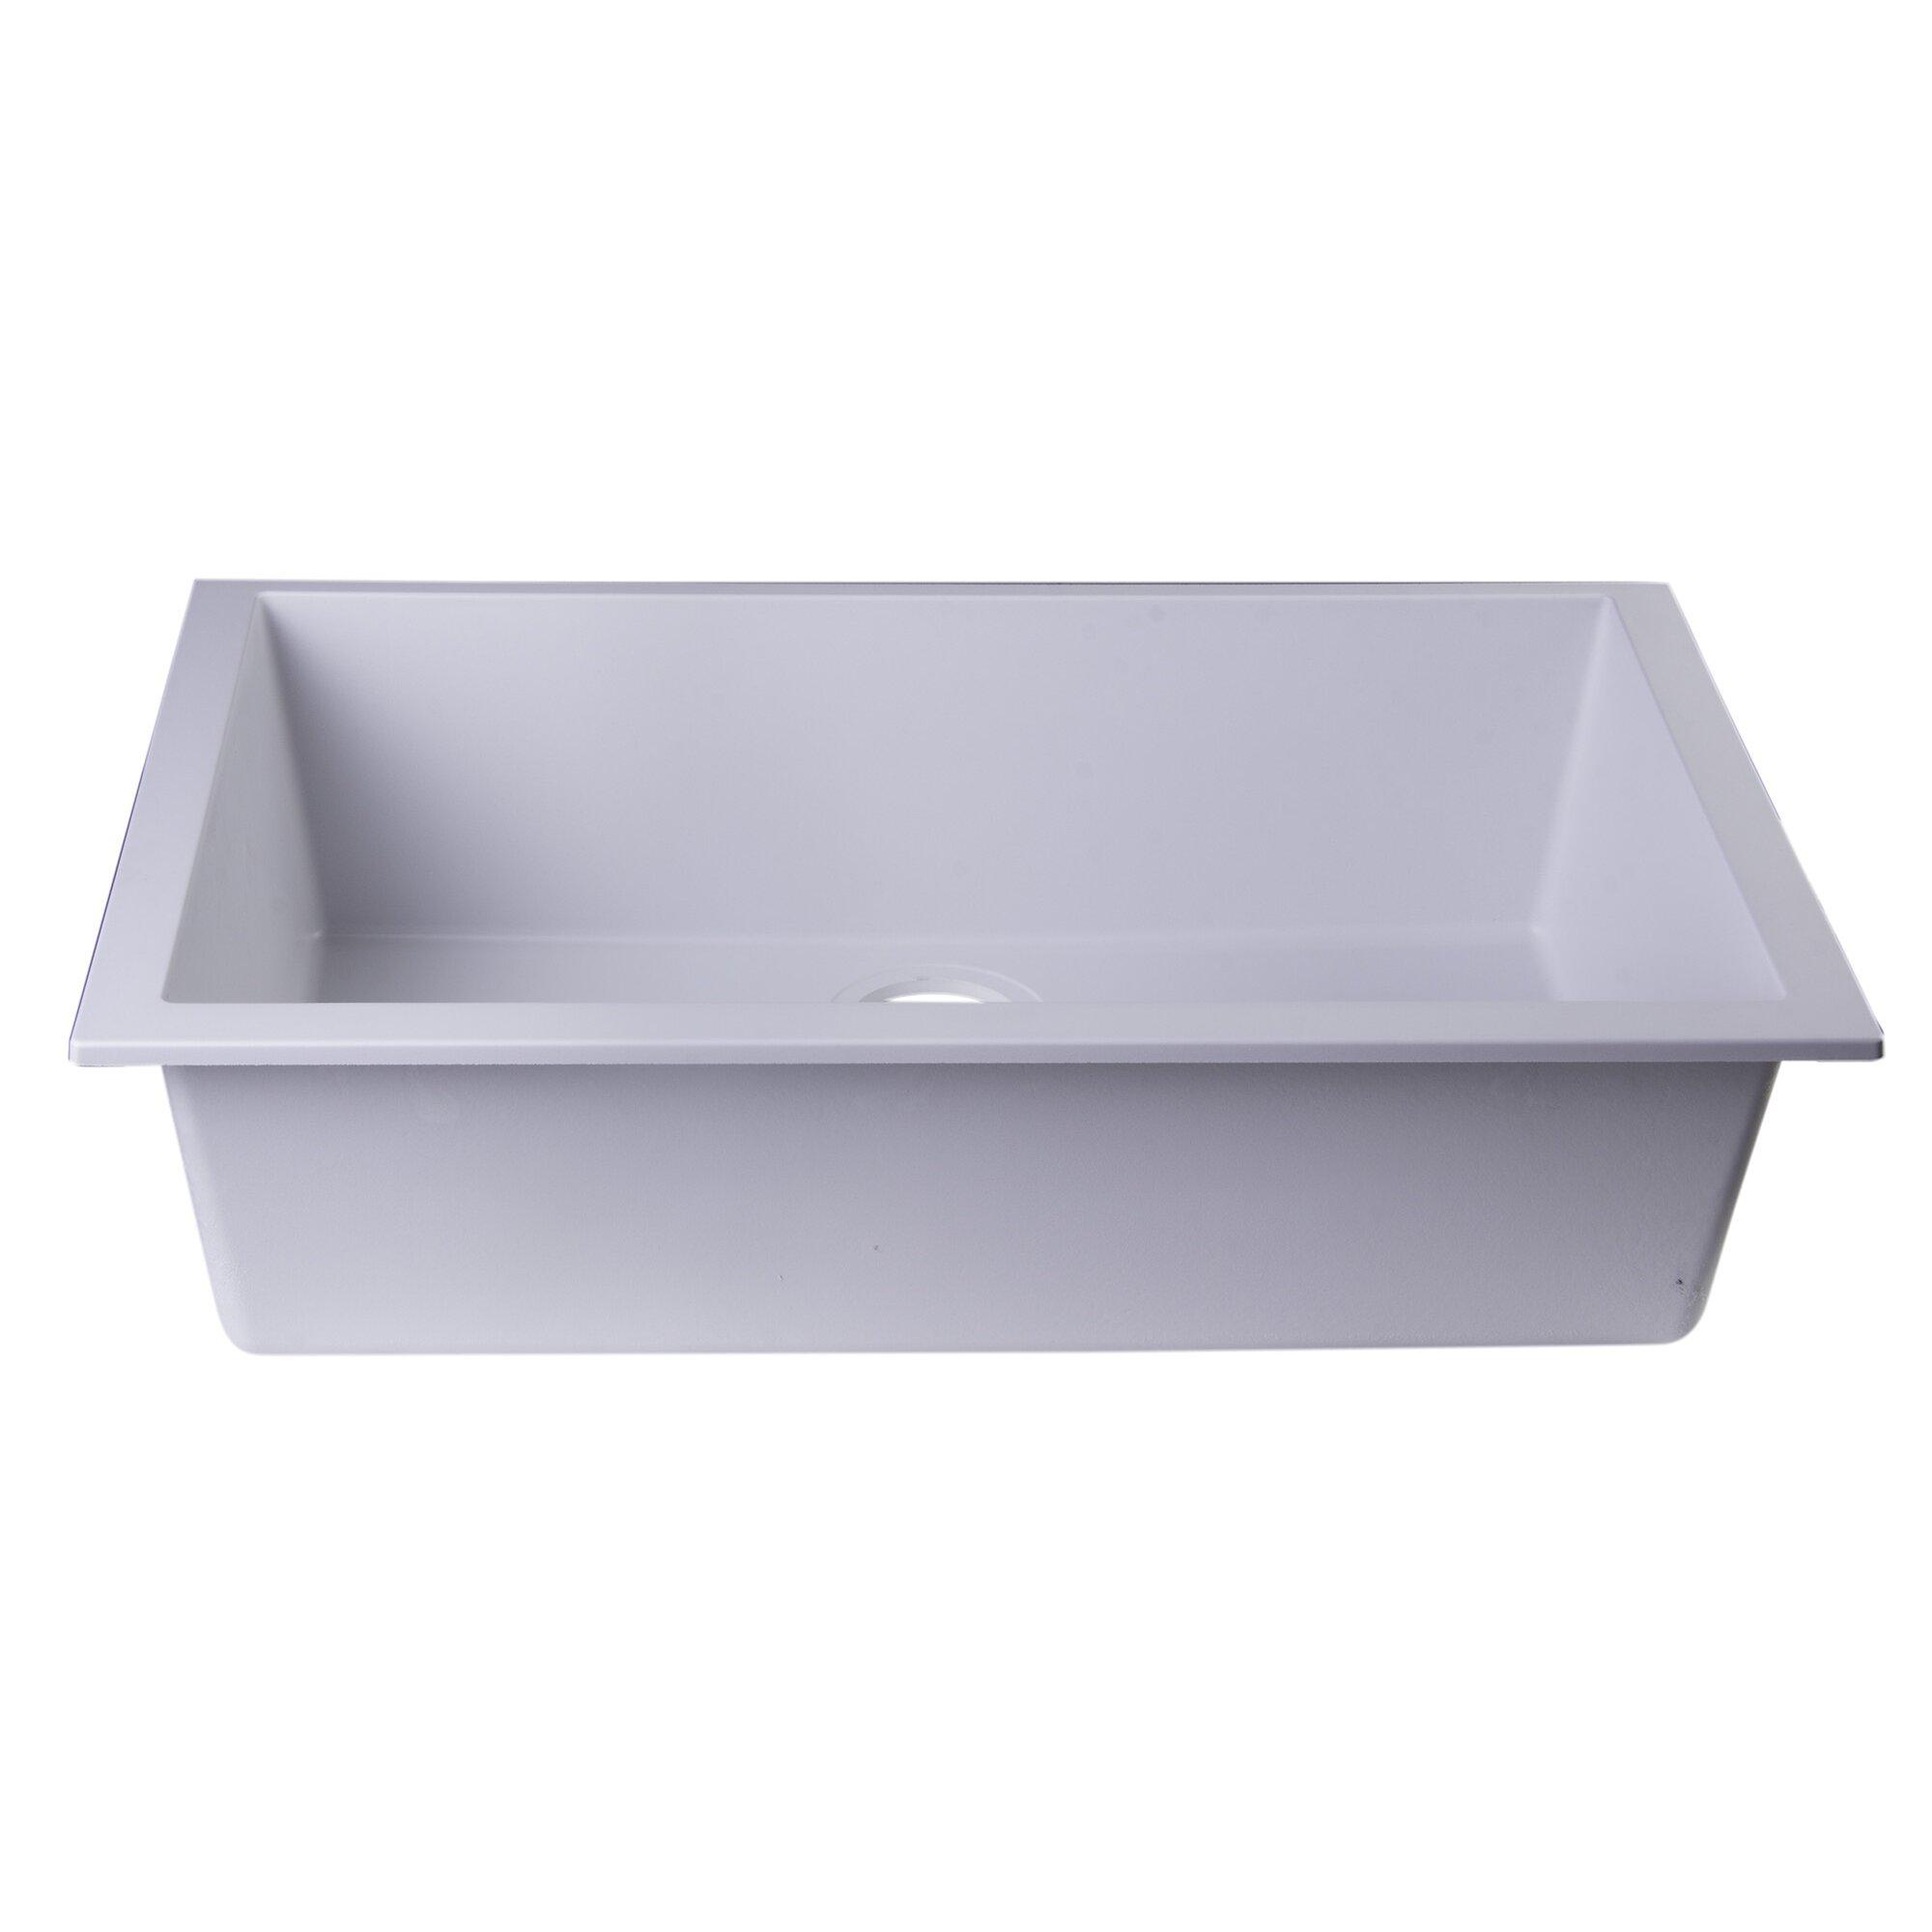 Granite Composite Undermount Kitchen Sinks Alfi Brand Lewis 30 X 1775 Undermount Single Bowl Kitchen Sink